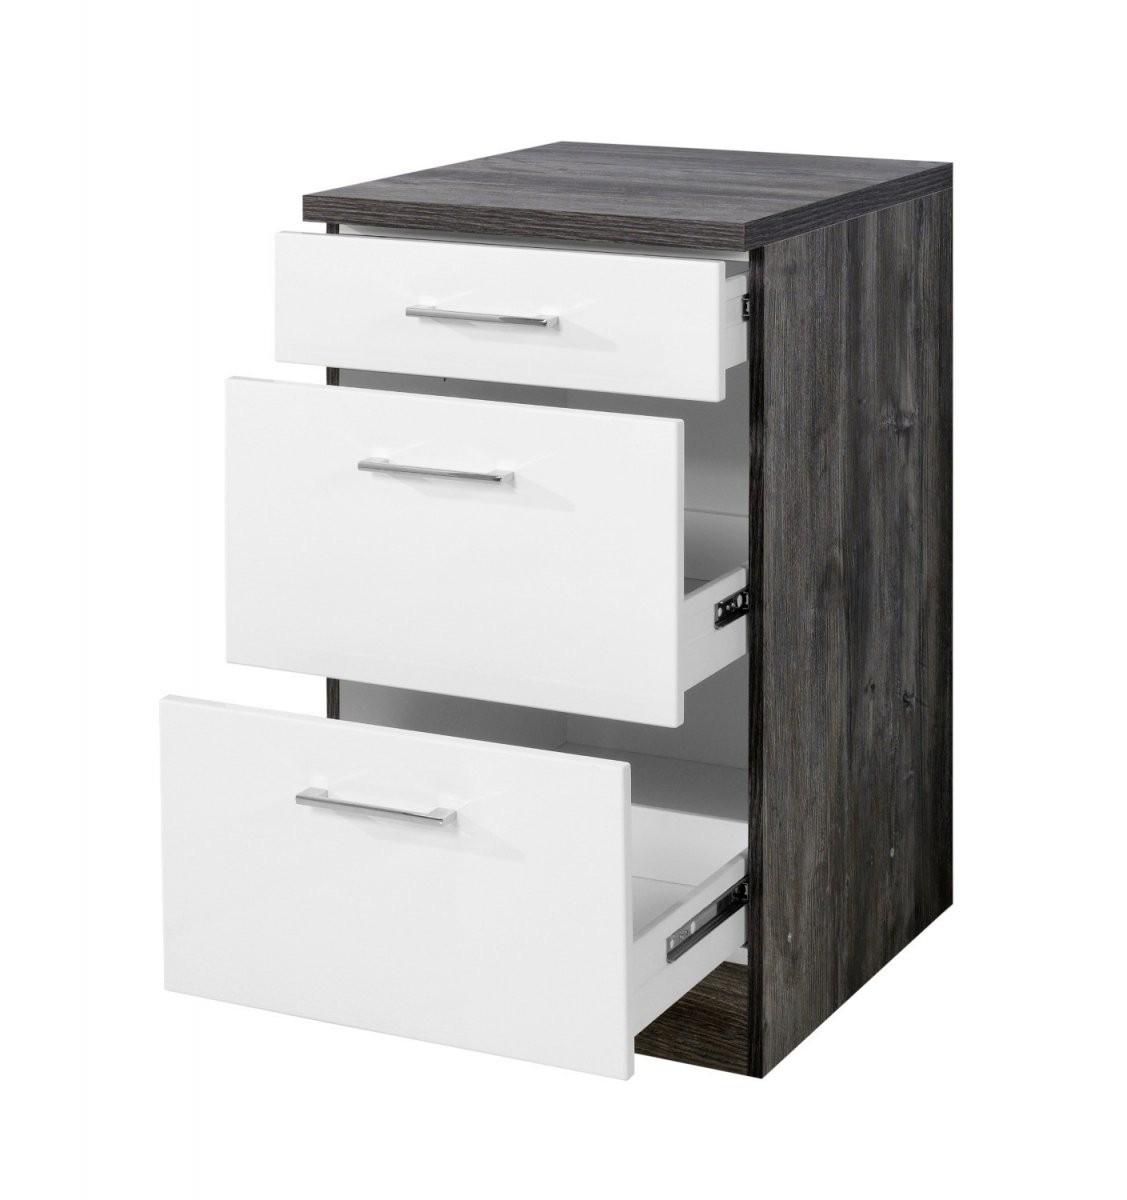 Küchenunterschrank Lissabon  3 Schubladen  50 Cm Breit von Badezimmer Unterschrank 50 Cm Breit Photo